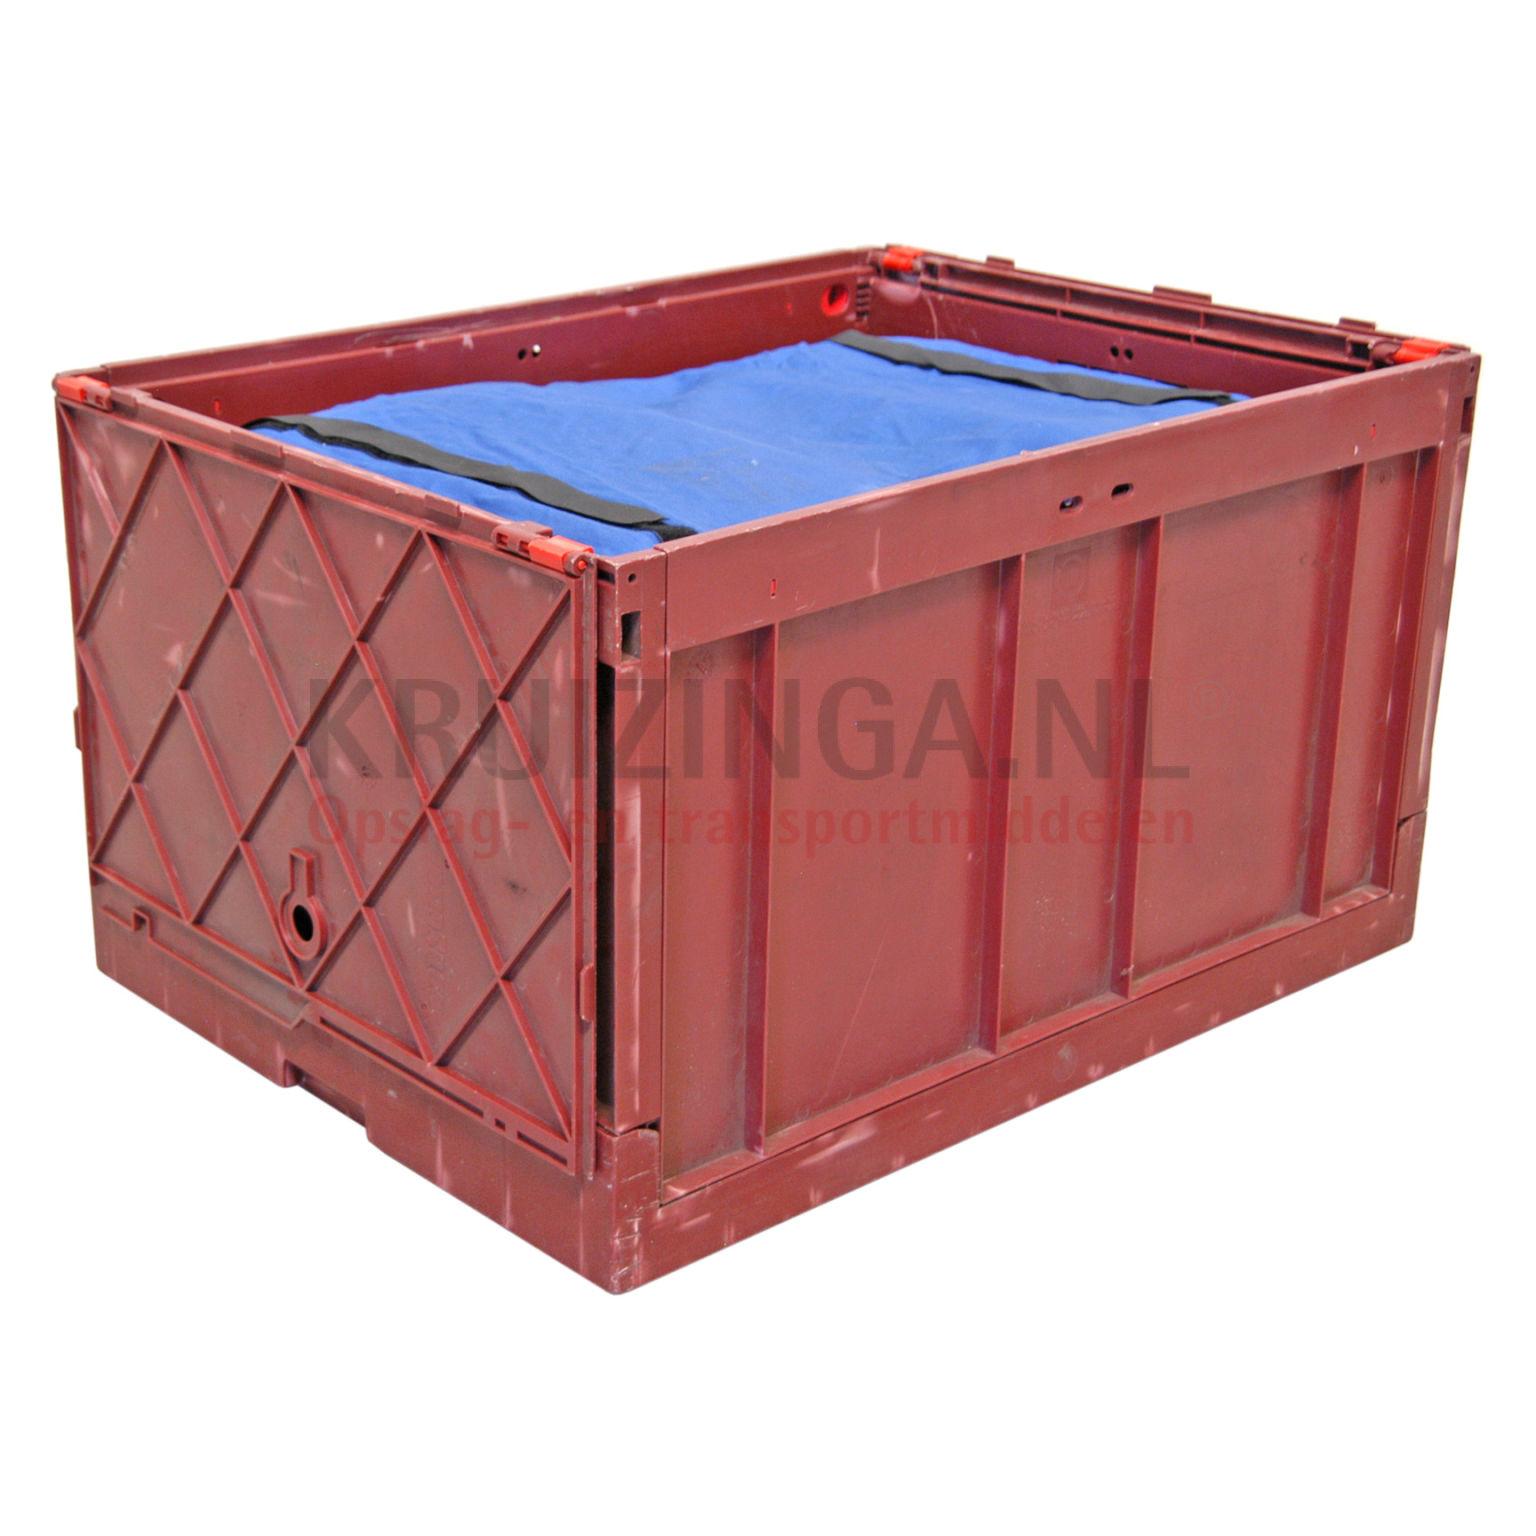 stapelboxen kunststoff einklappbar alle w nde geschlossen deckel gebraucht. Black Bedroom Furniture Sets. Home Design Ideas